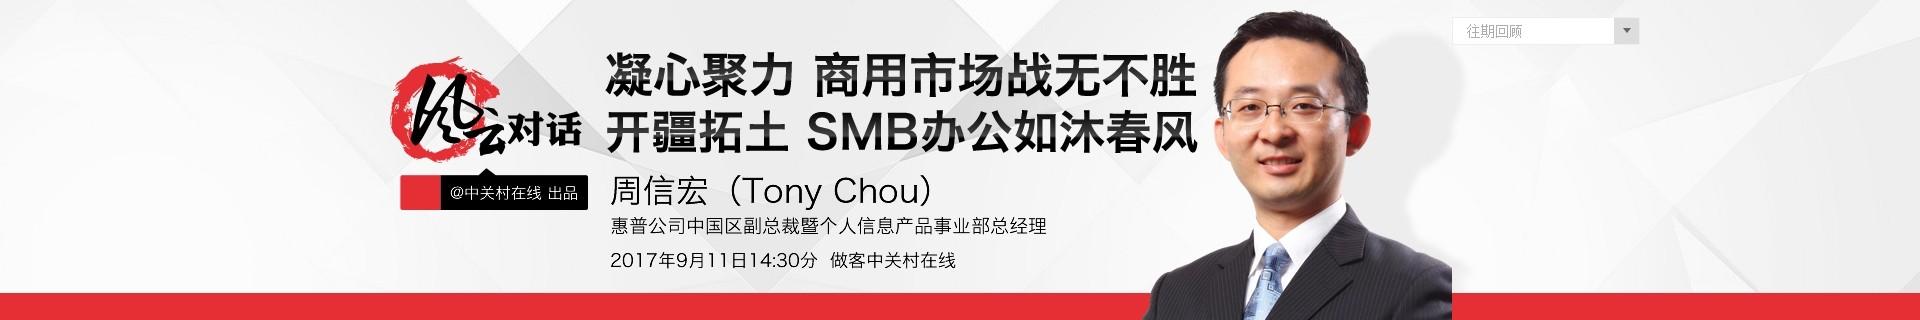 《风云对话》:惠普公司中国区副总裁暨个人信息产品事业部总经理周信宏专访